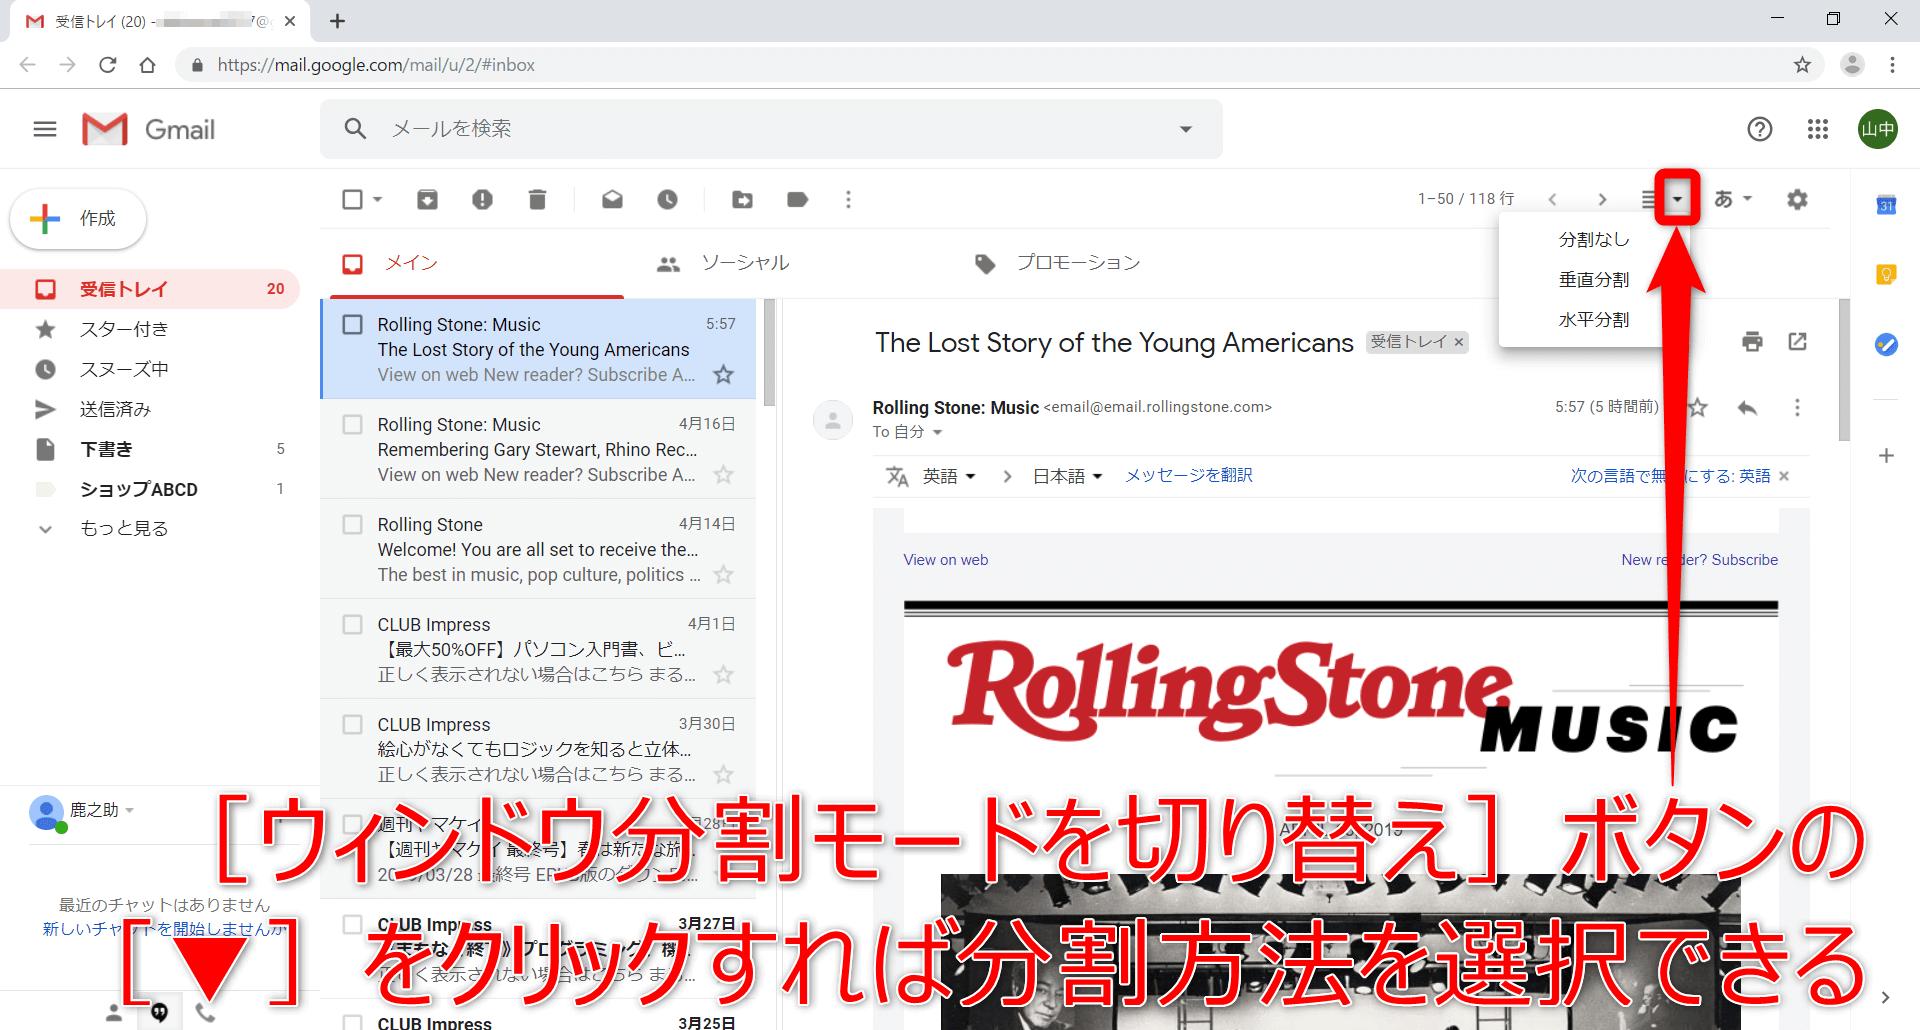 Gmail(ジーメール)の[ウィンドウ分割モードを切り替え]ボタンの[▼]をクリックする画面